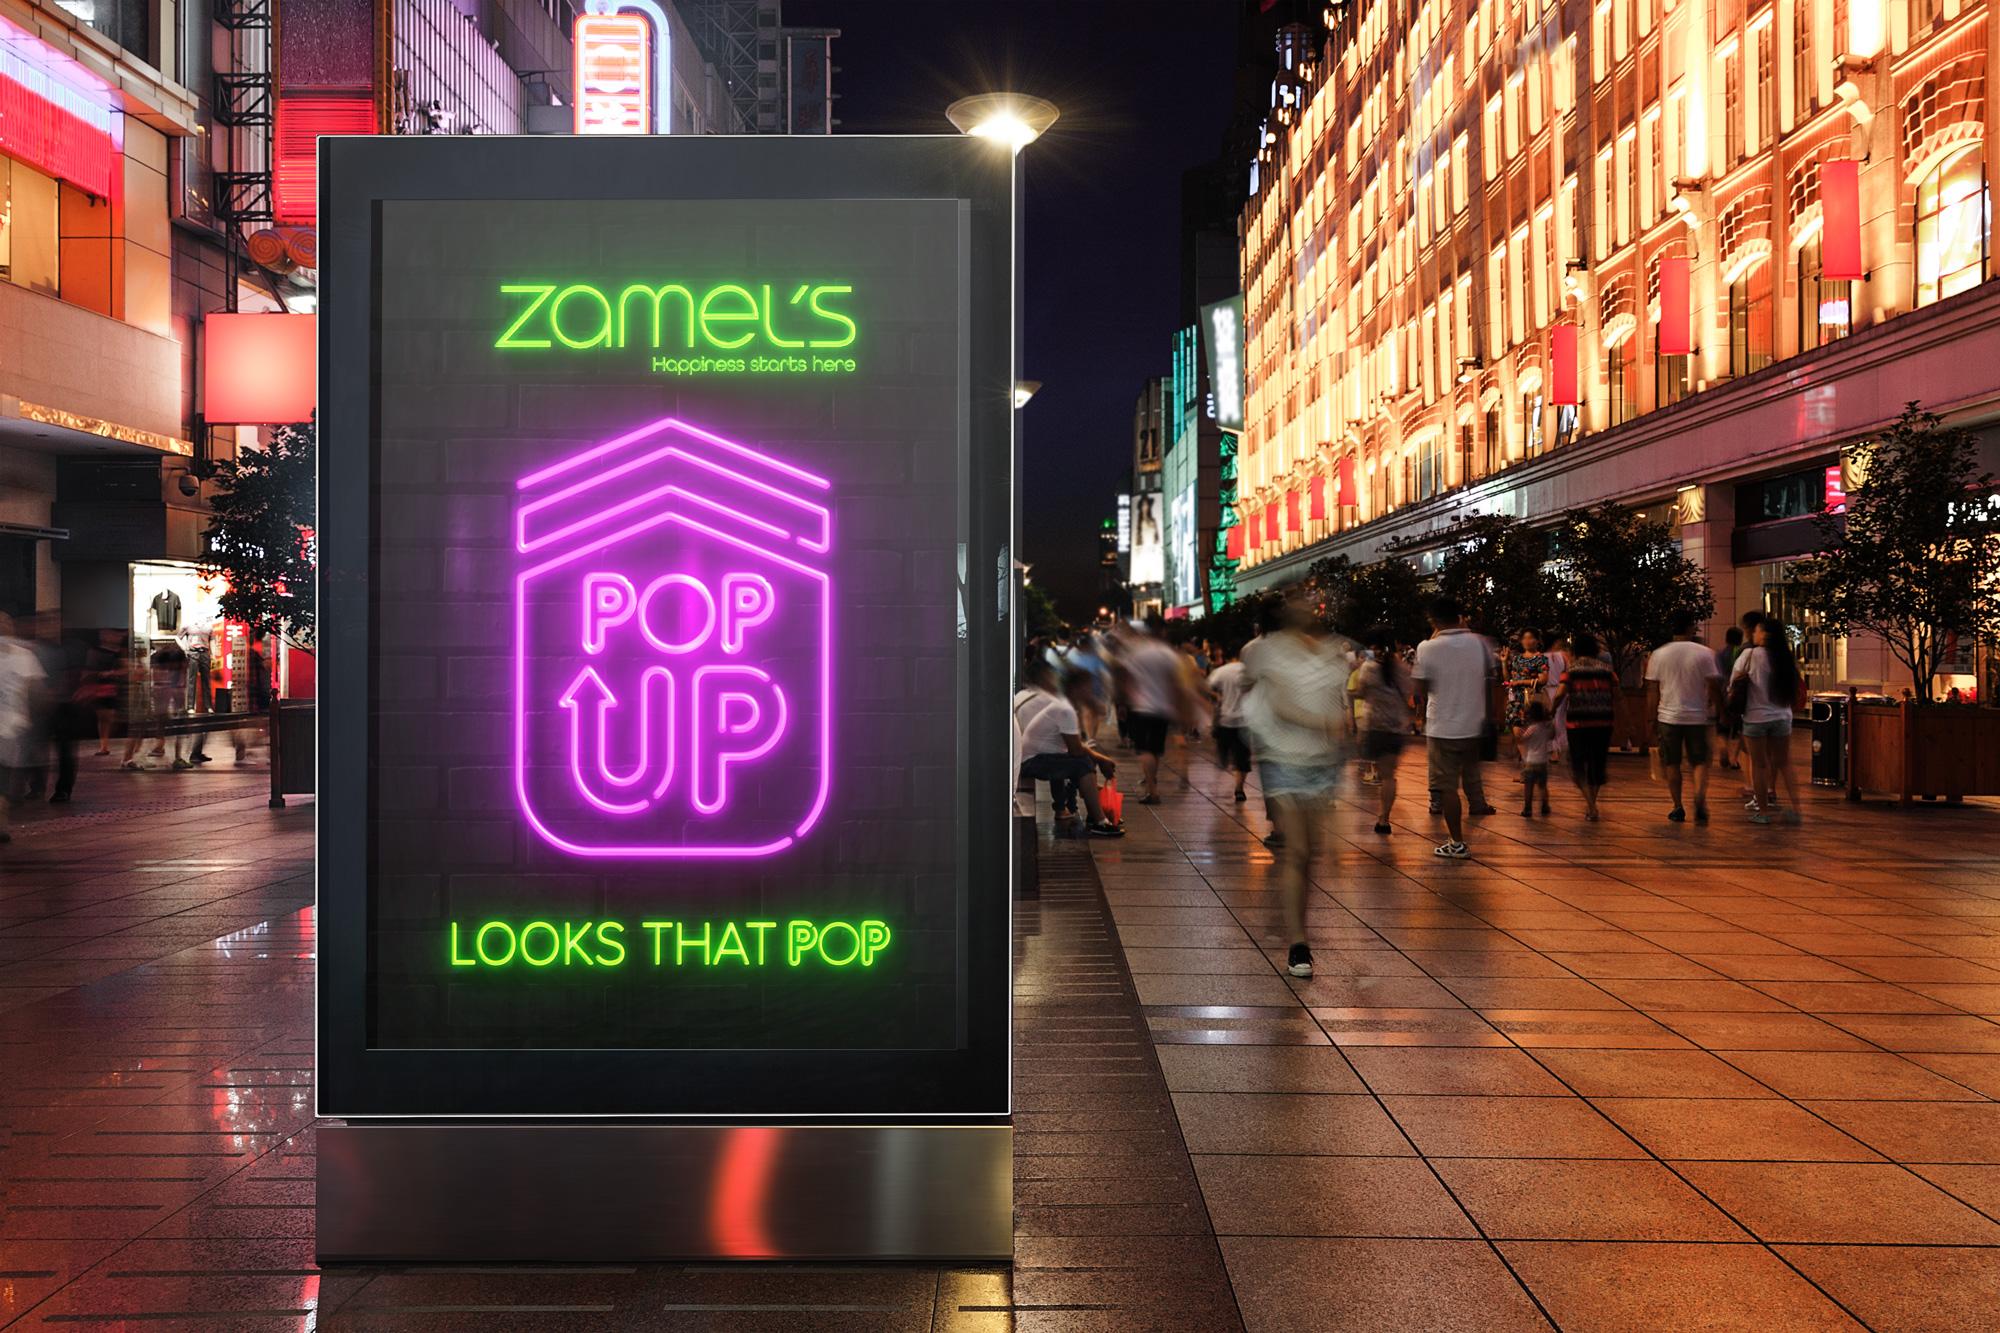 Zamel's Pop Up Store Signage